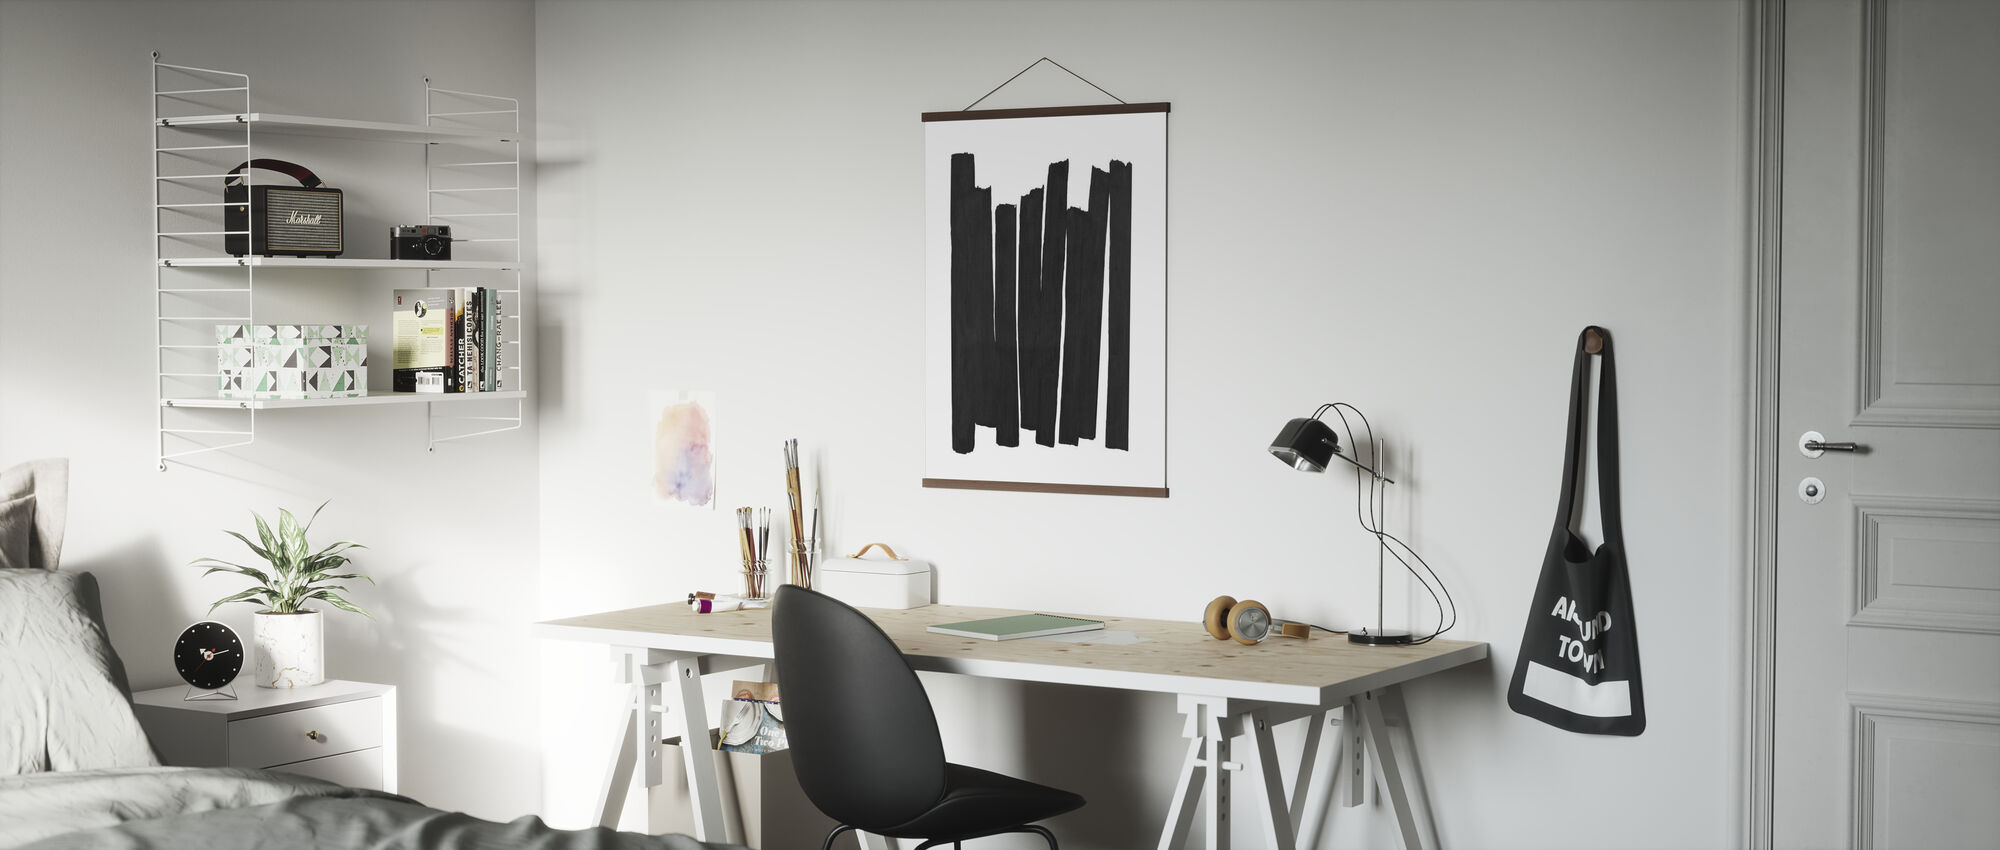 Zwarte penseelstreken II - Poster - Kantoor